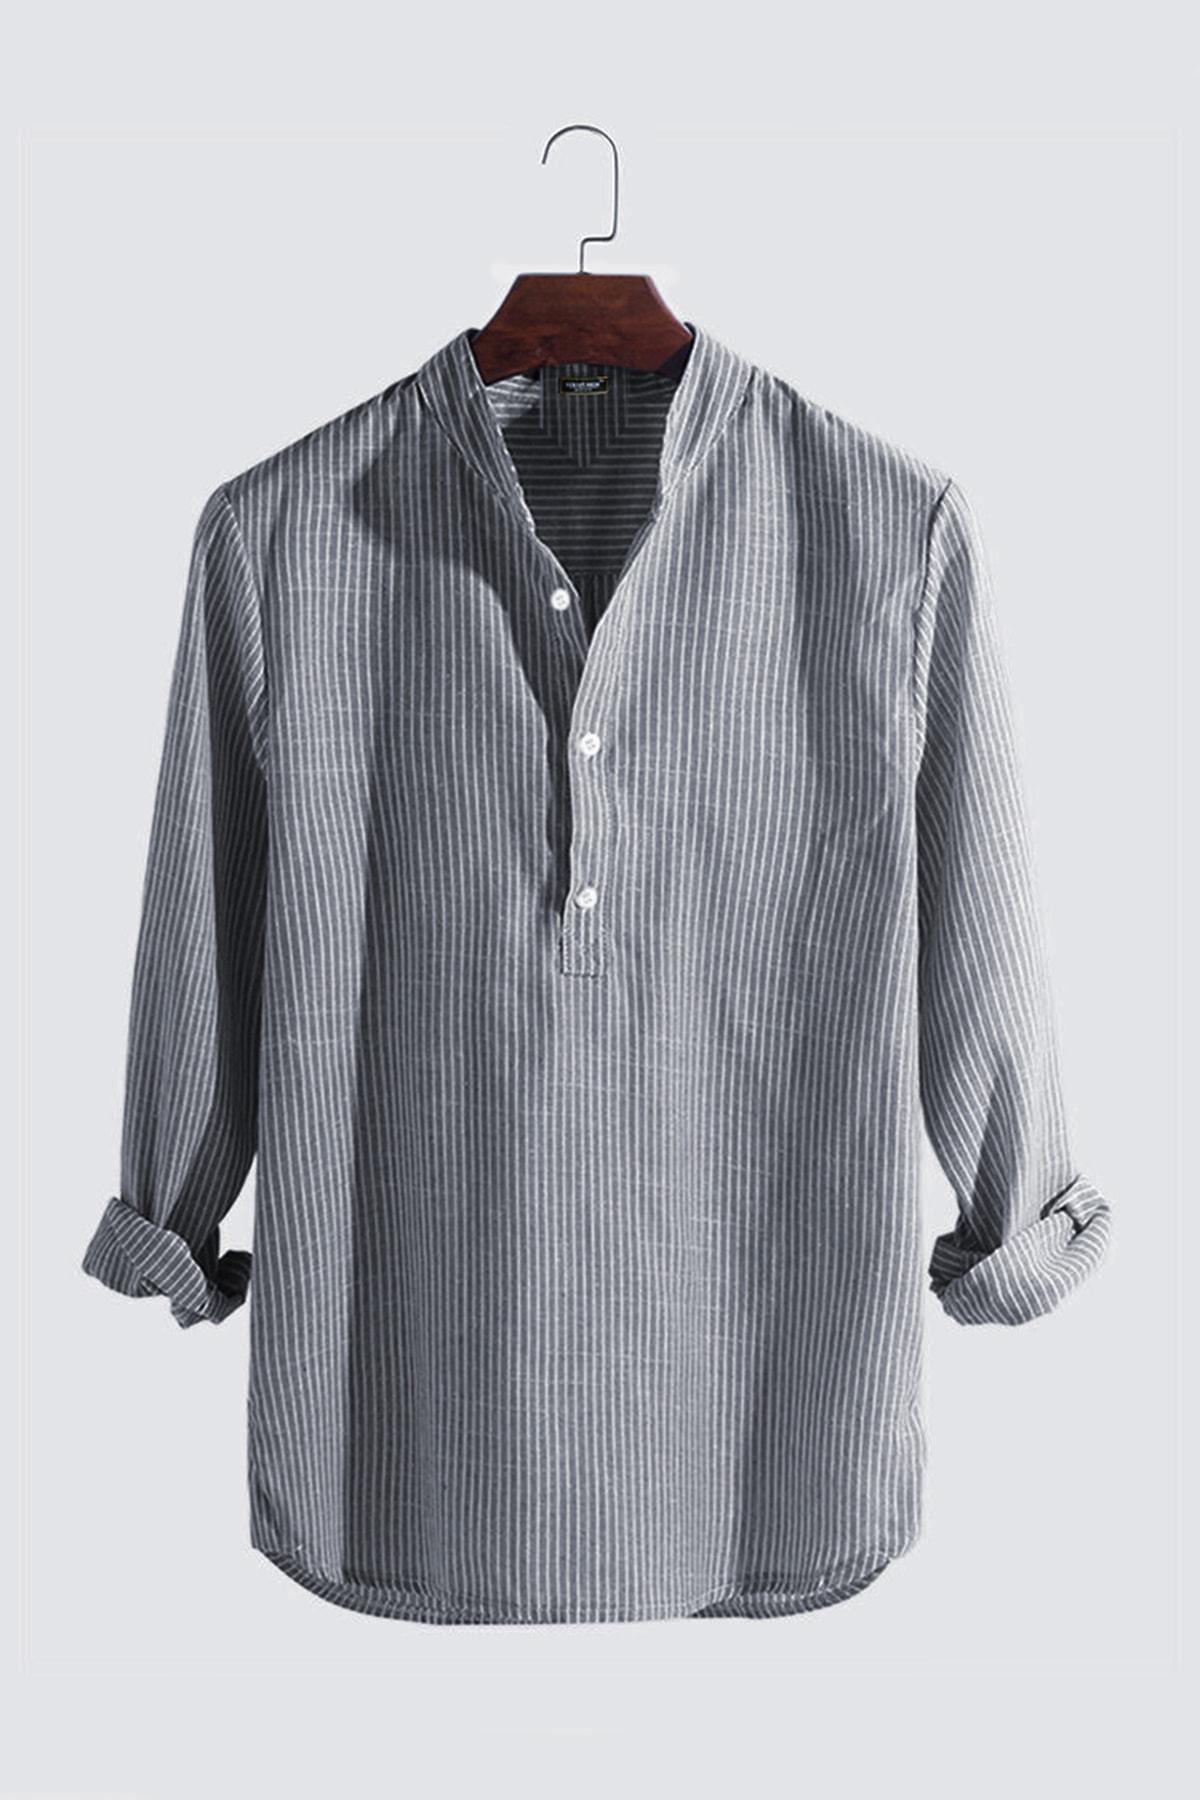 Erkek Hakim Yaka Uzun Kollu Çizgili Keten Gömlek Vavn301-0000003-1 Füme